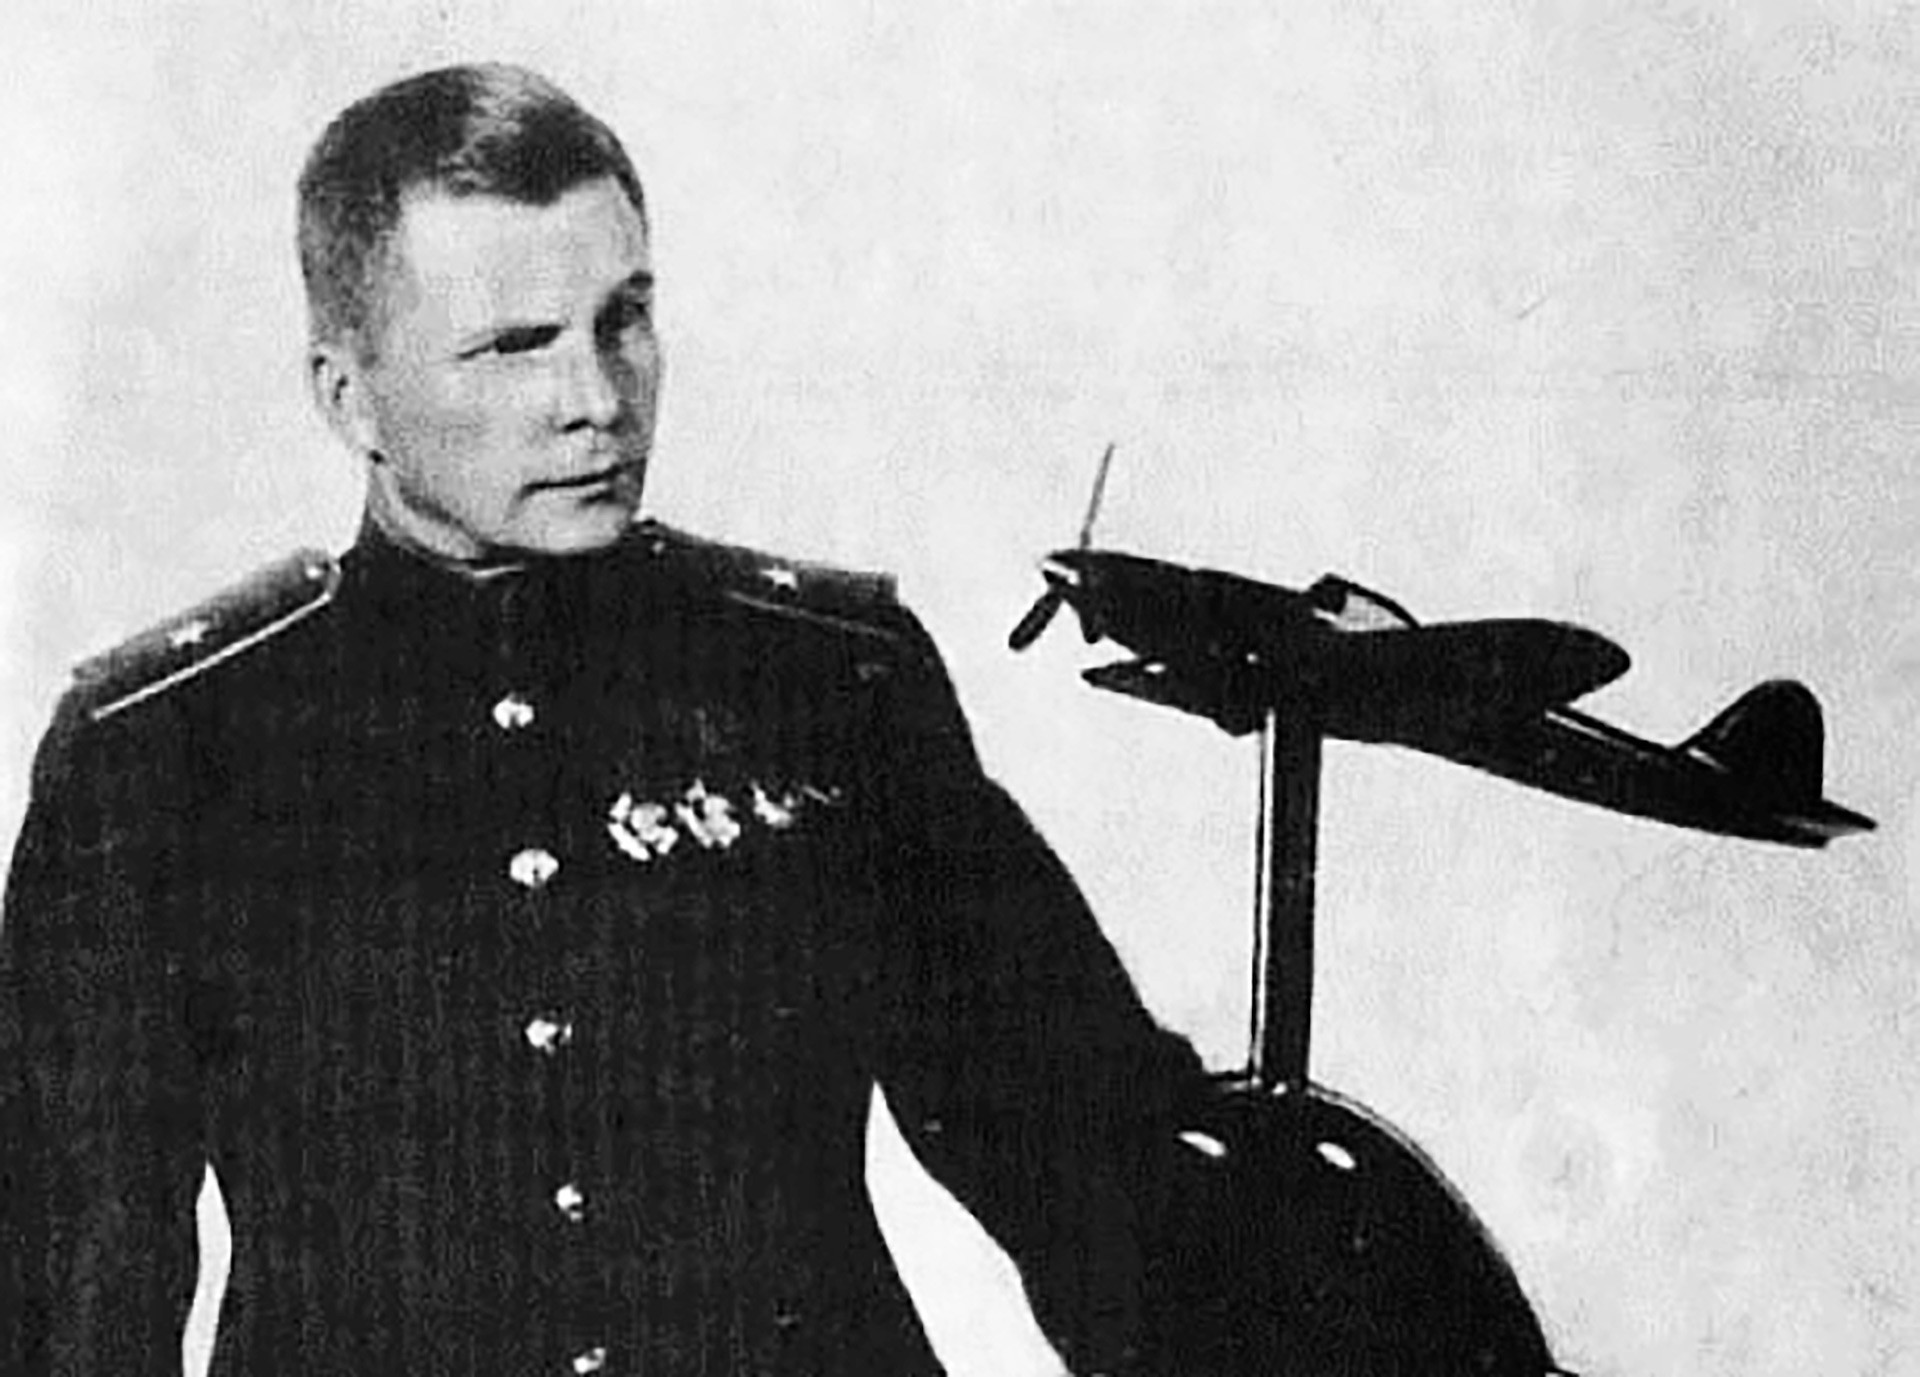 Perancang pesawat Soviet Sergei Ilyushin dengan model pesawat Il-2 buatannya